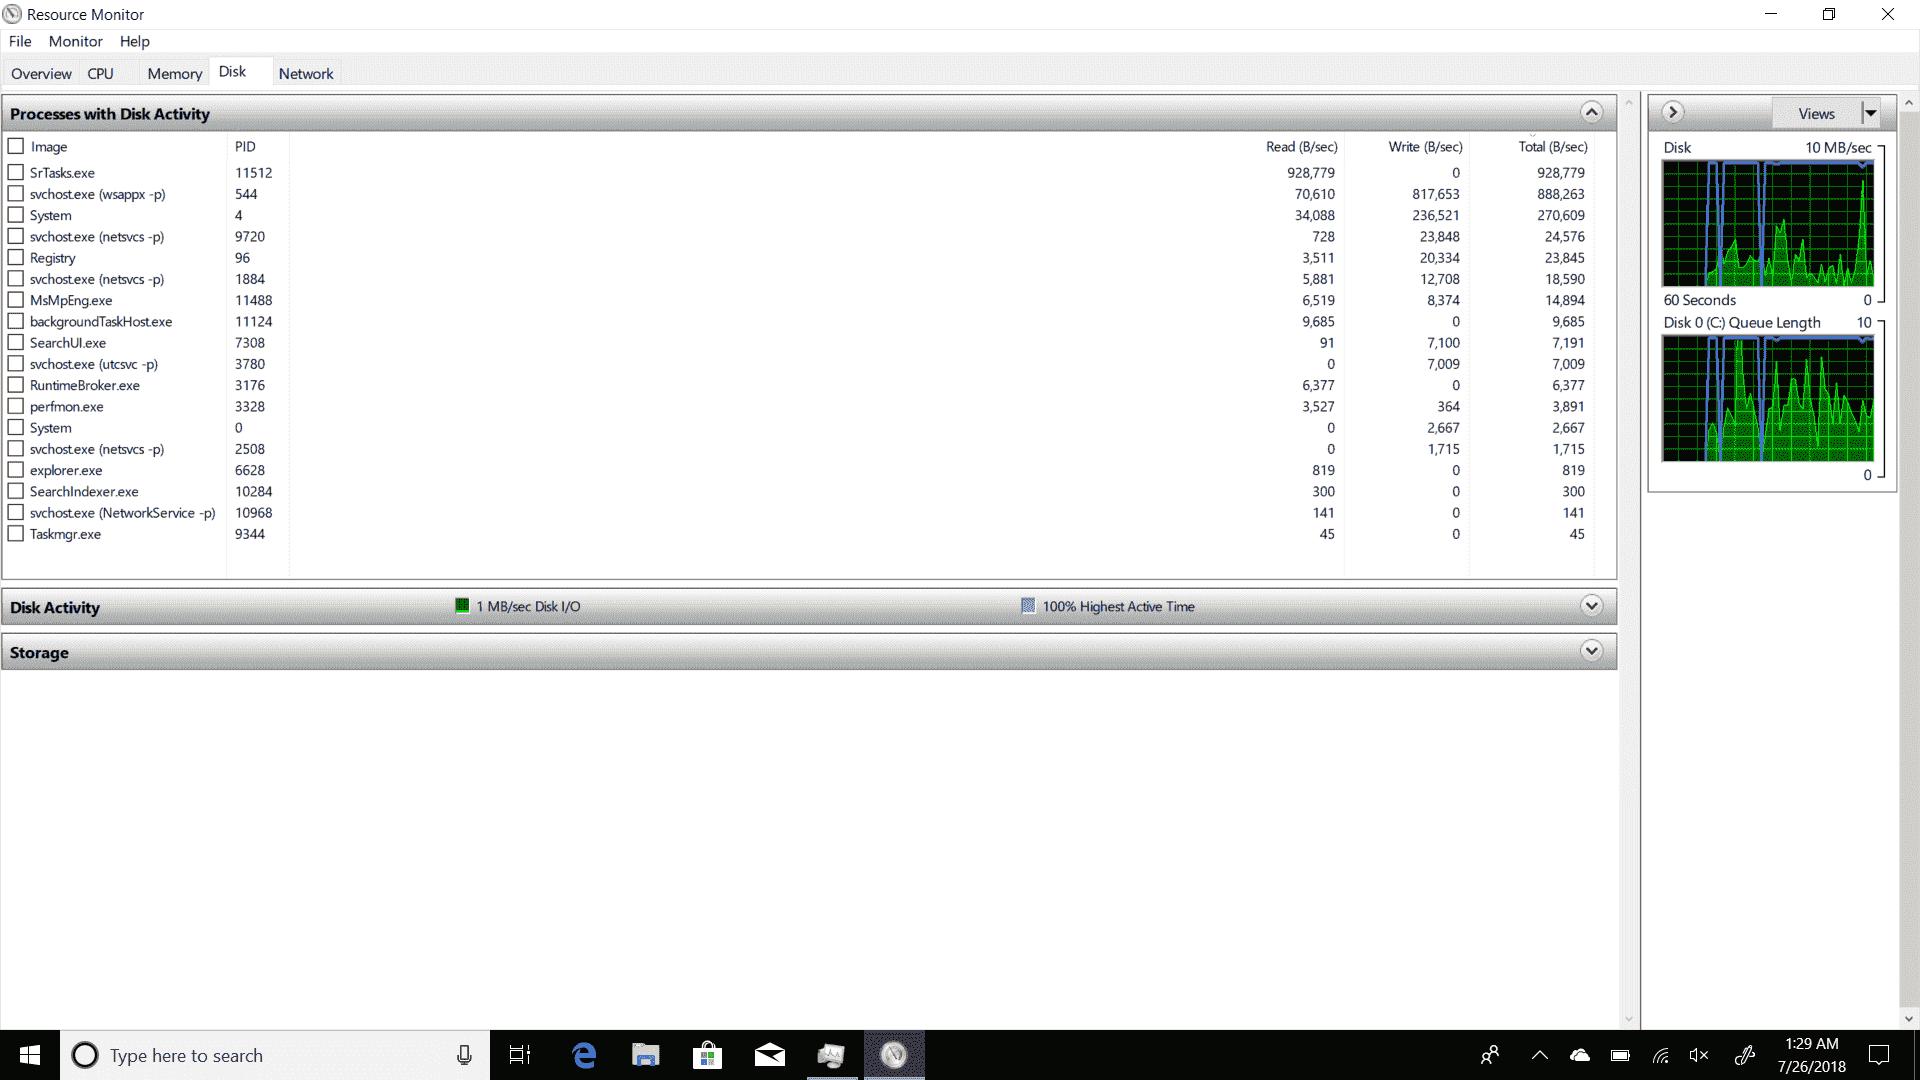 100% Disk Usage 9f5f1400-0858-4975-bdd8-ff0573265fbd?upload=true.png